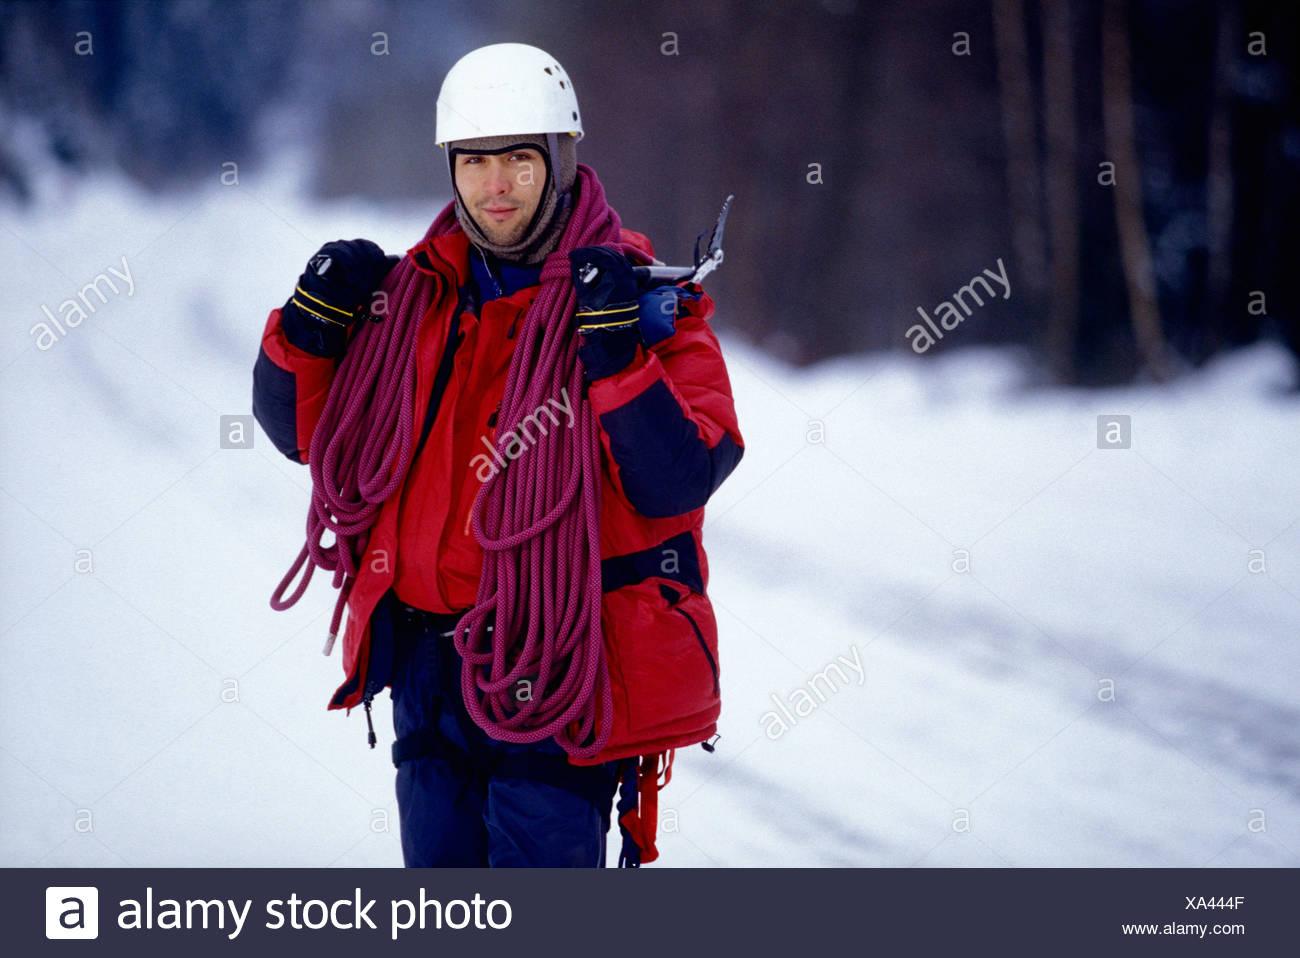 Klettergurt Aus Seil : Der mensch steht im schnee mit seil klettergurt und eispickel